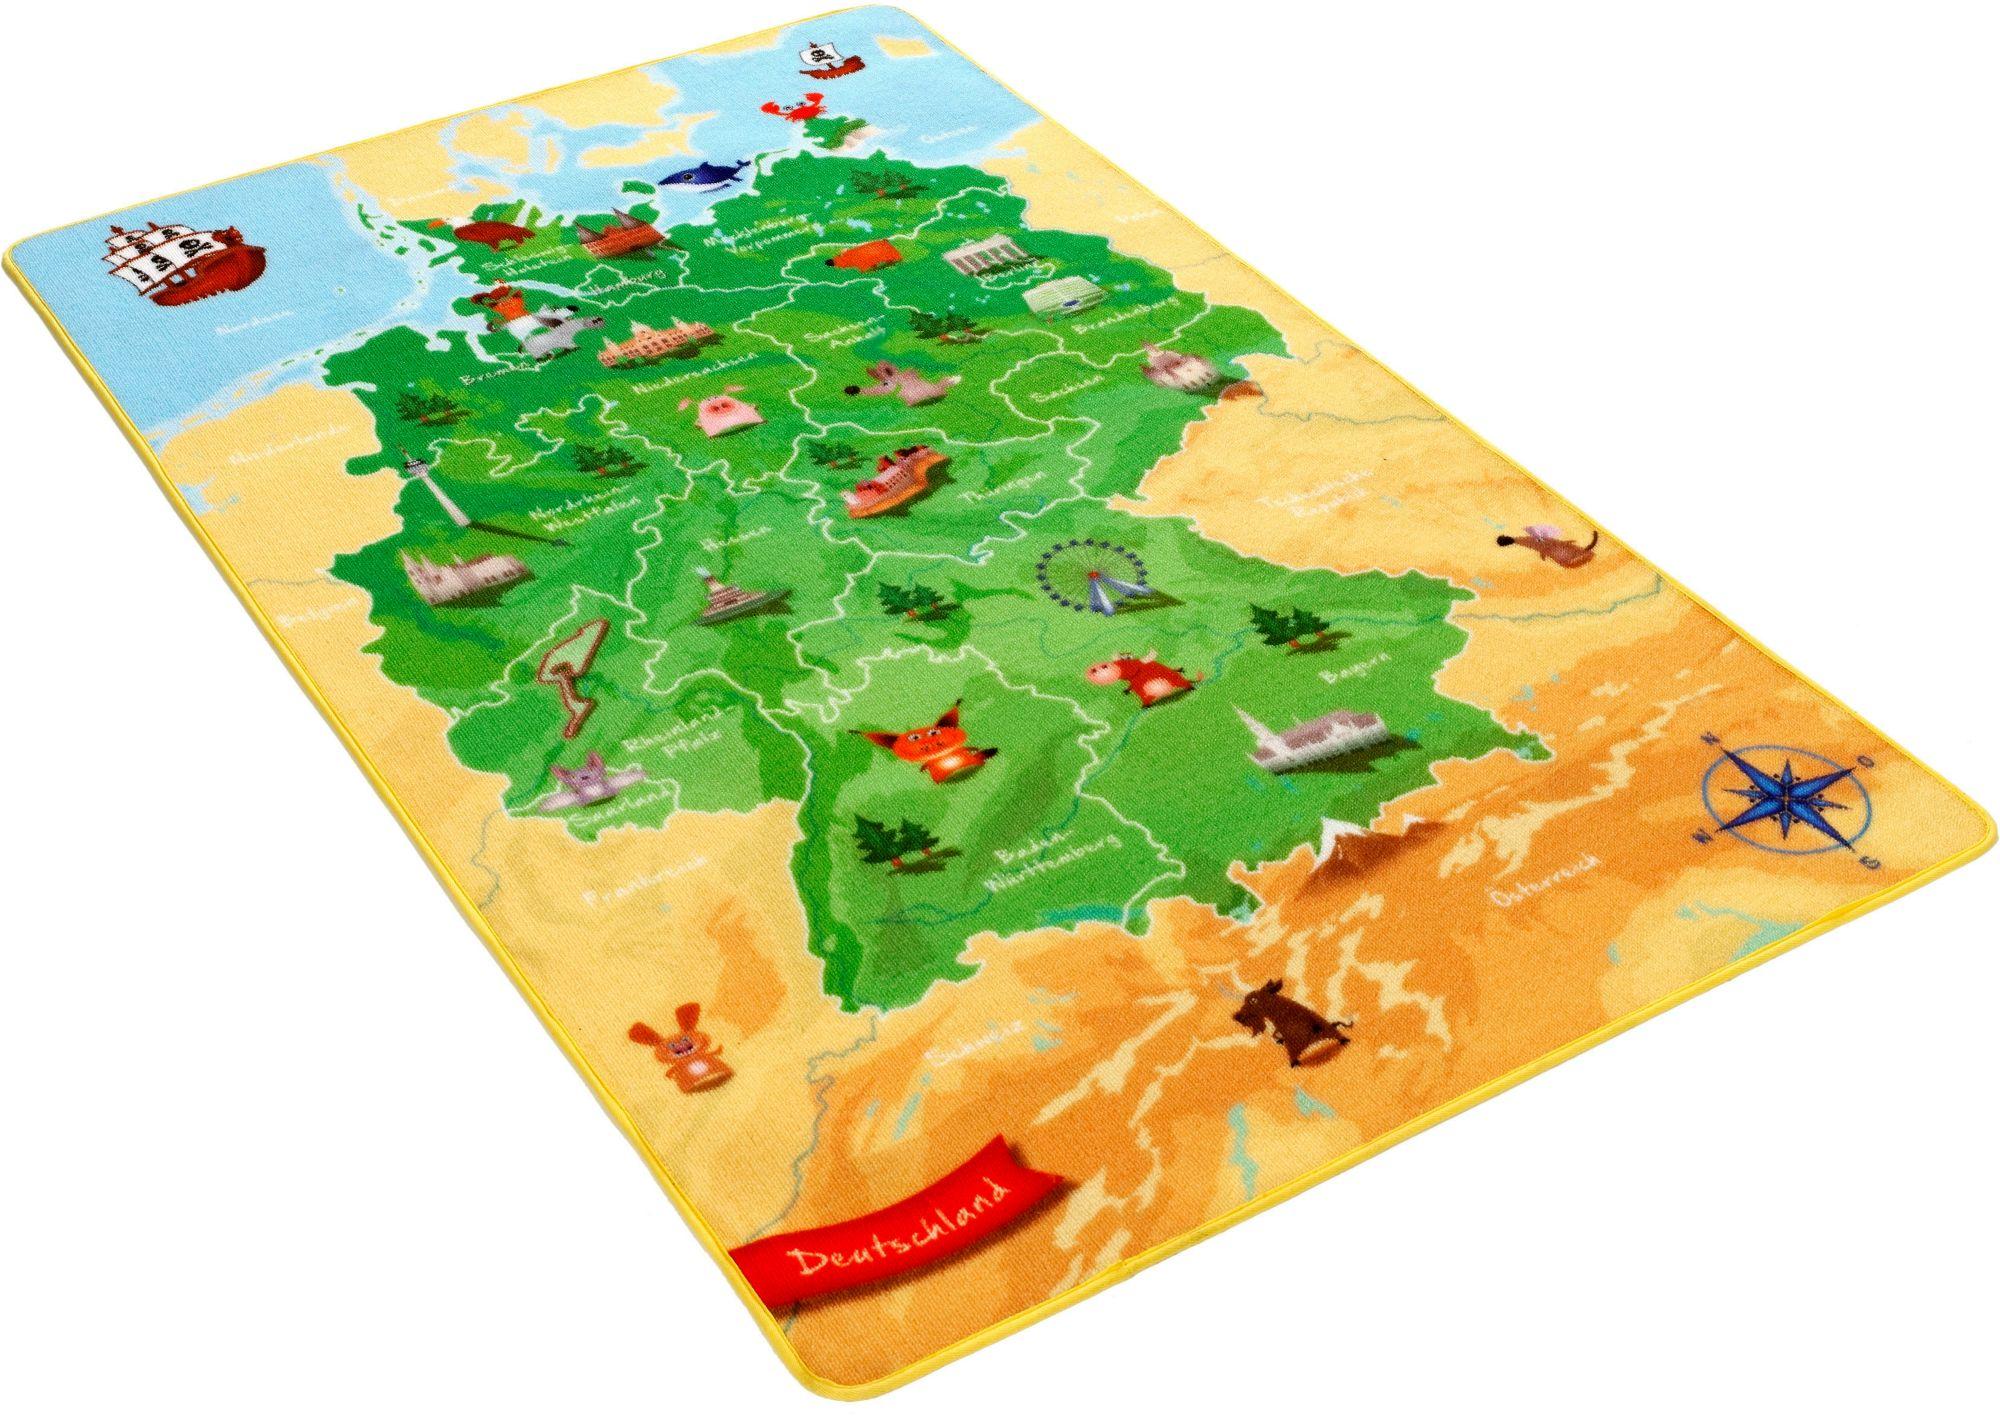 BÖING CARPET Kinder-Teppich, Böing Carpet, »Deutschlandkarte DE-2«